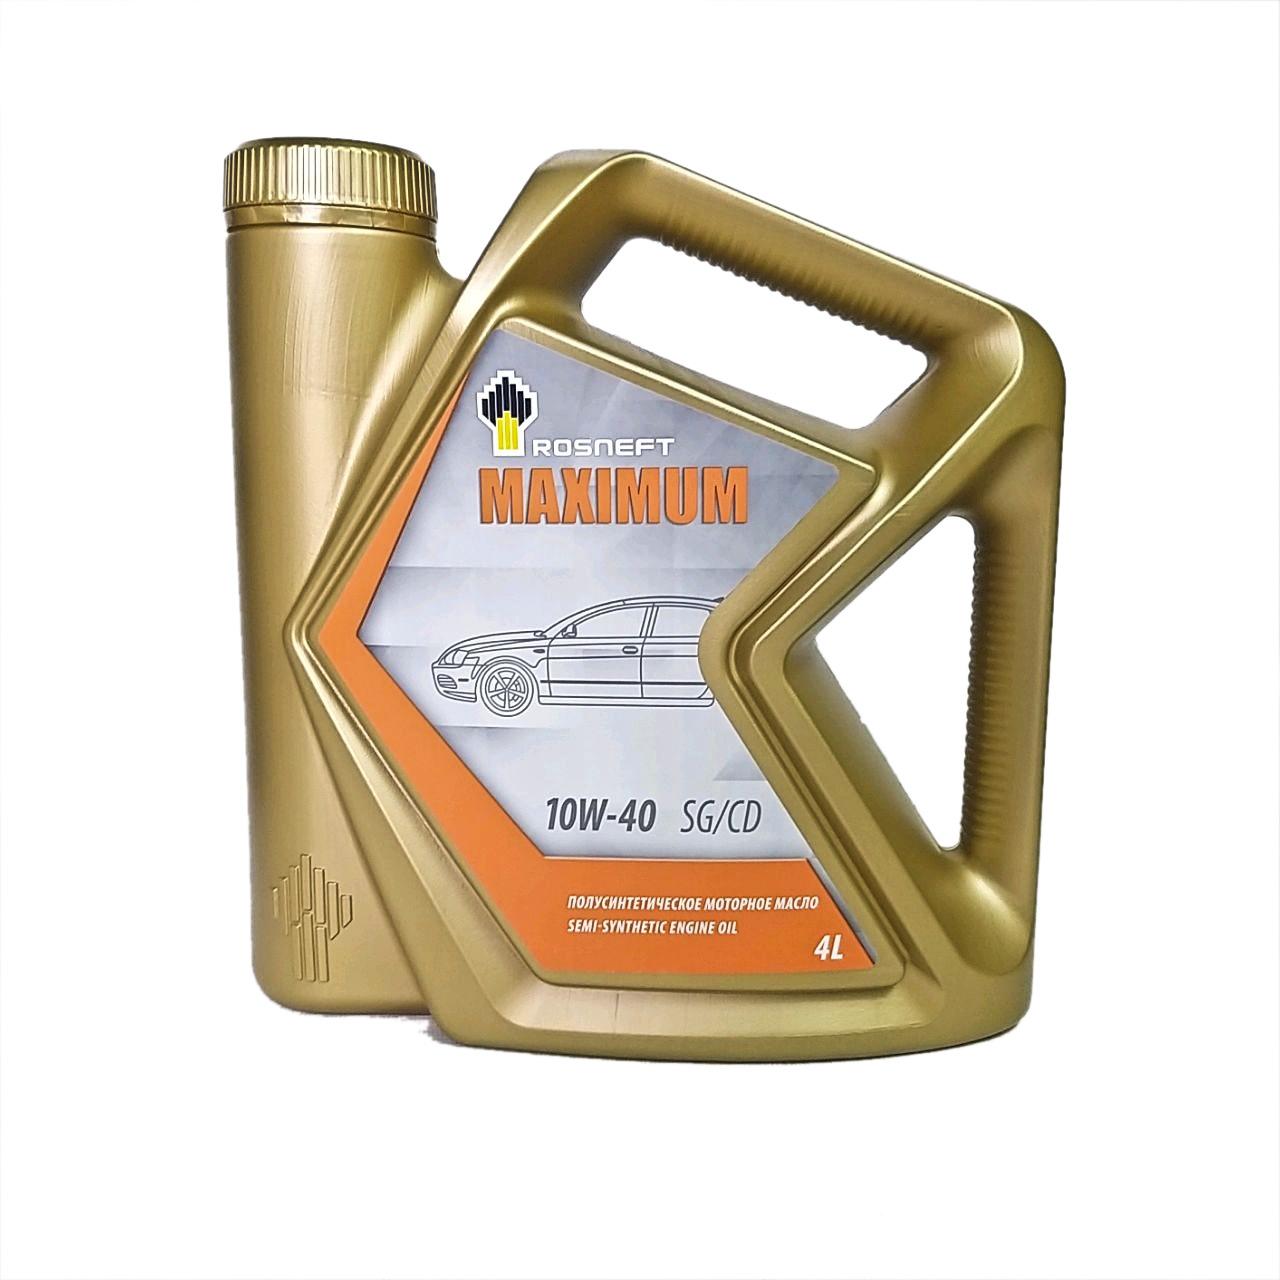 Rosneft Maximum 10w-40 (SG/CD) 4L.